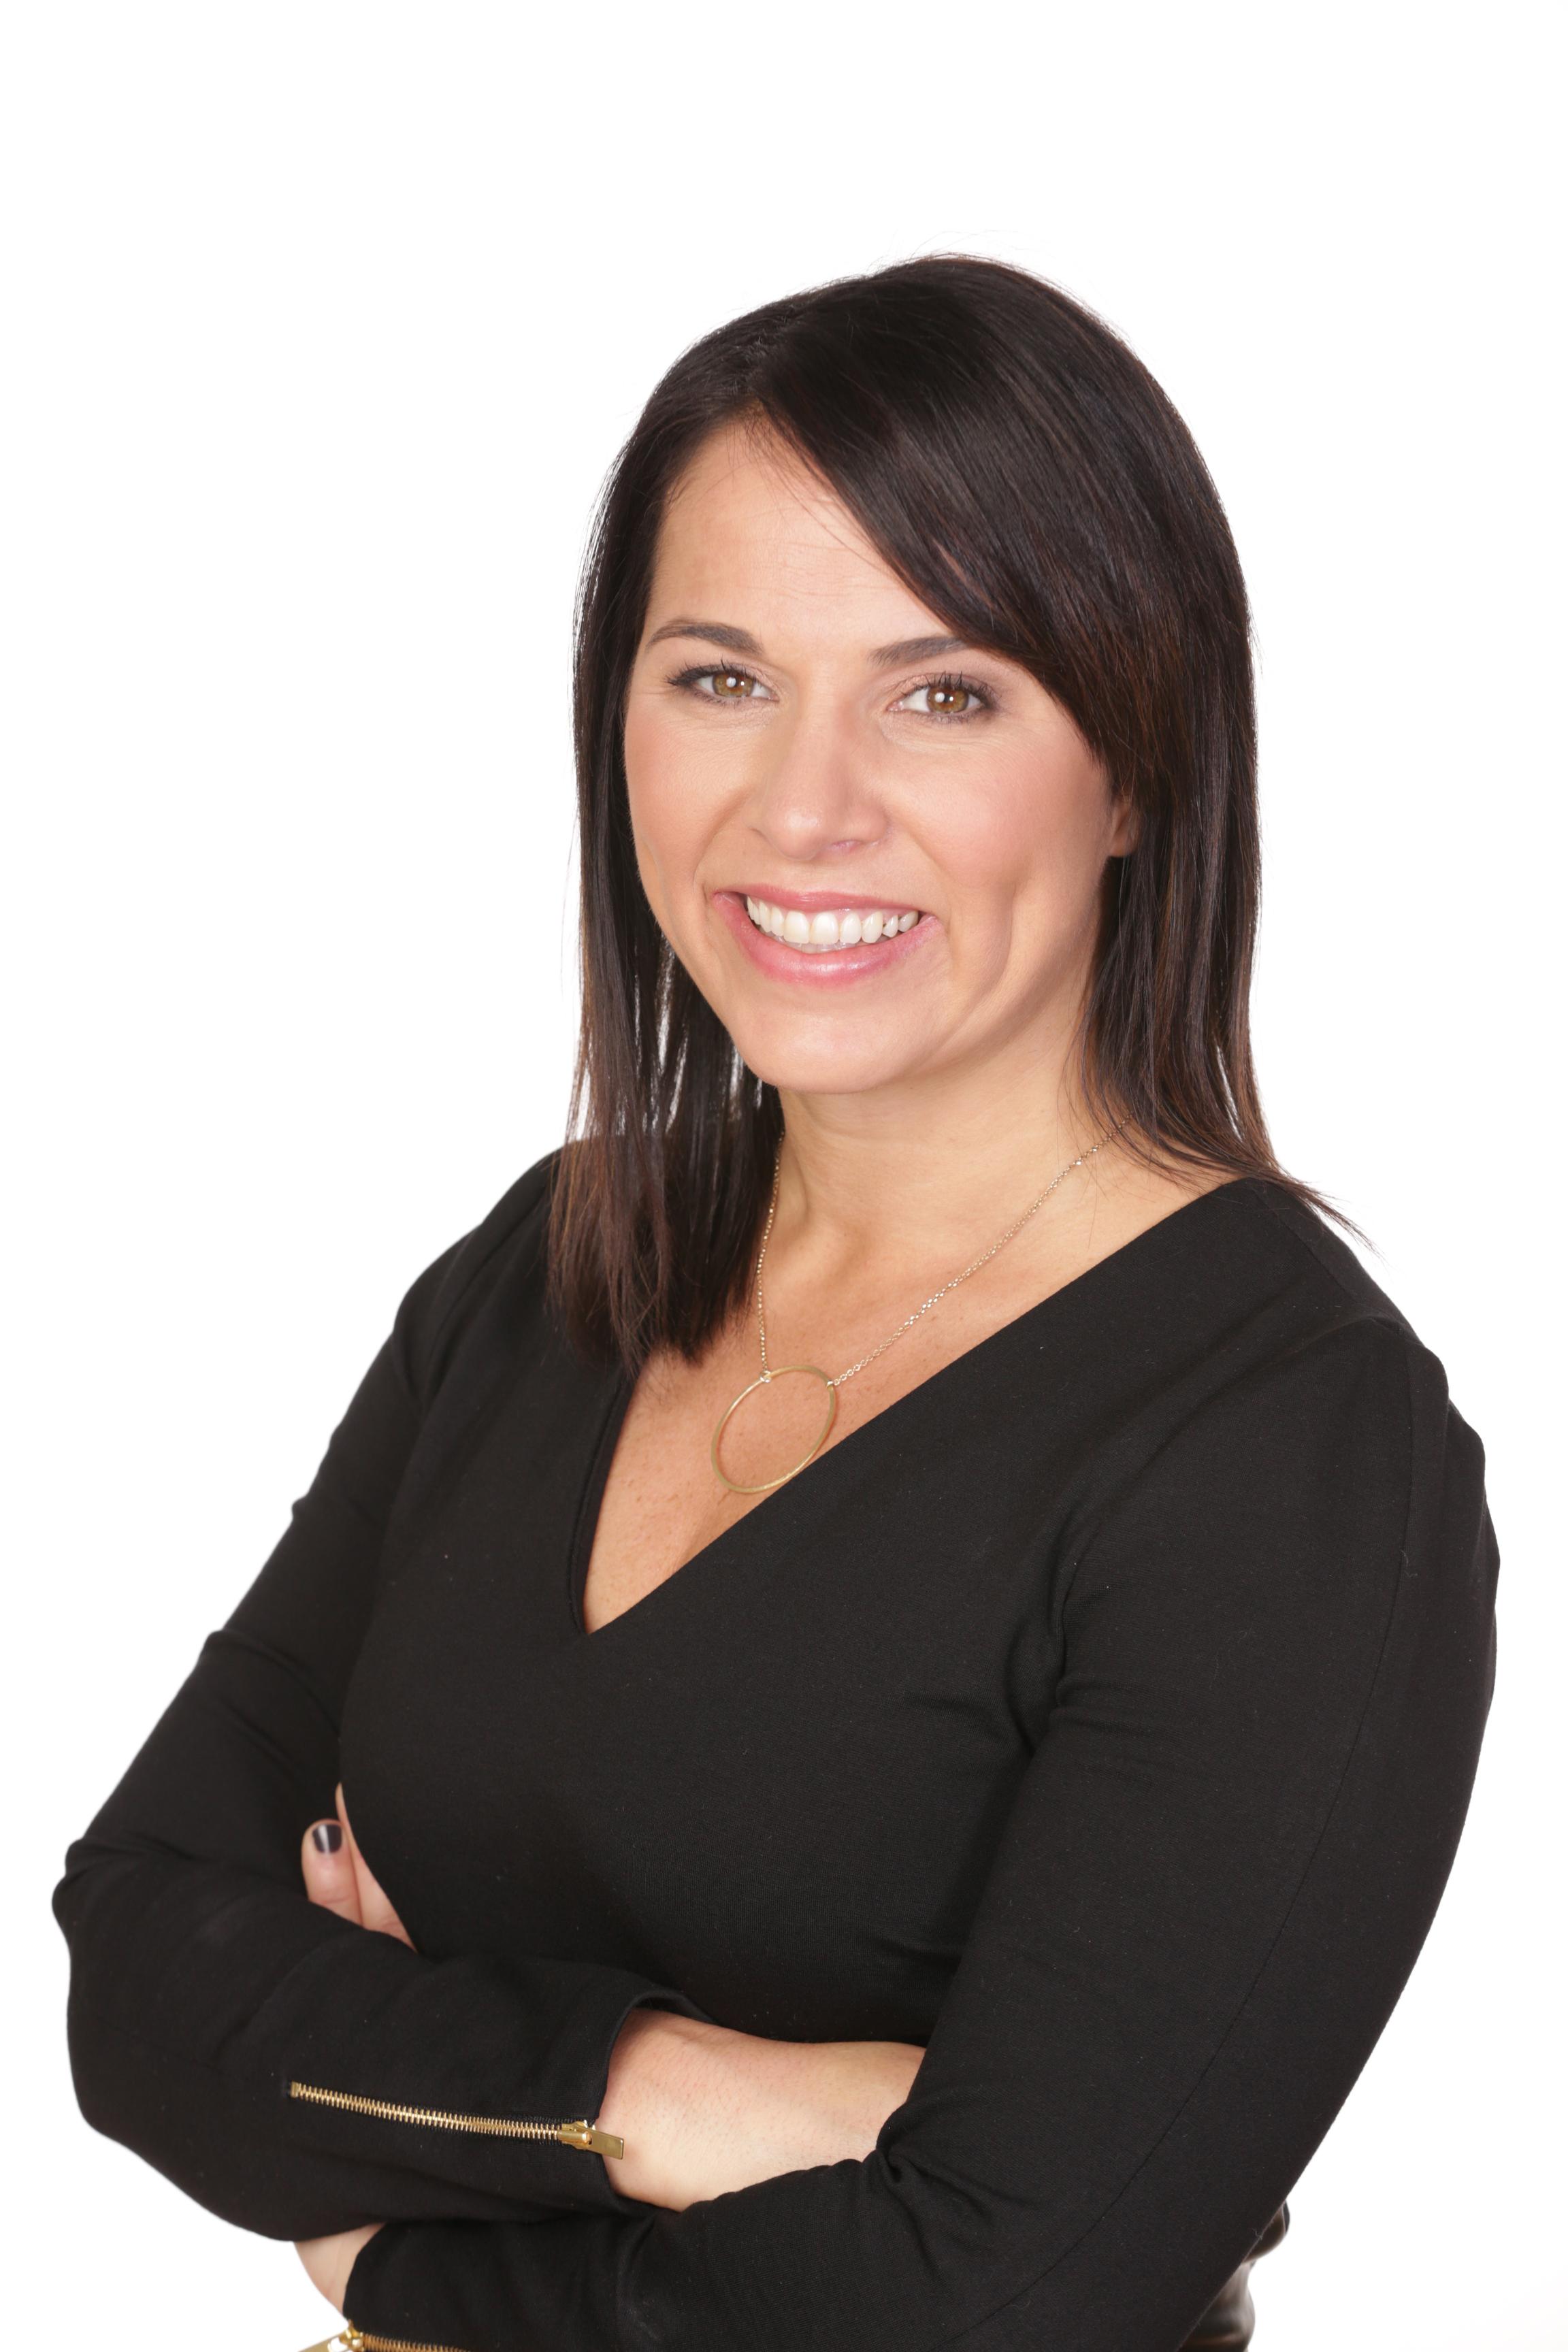 Beth Buehler